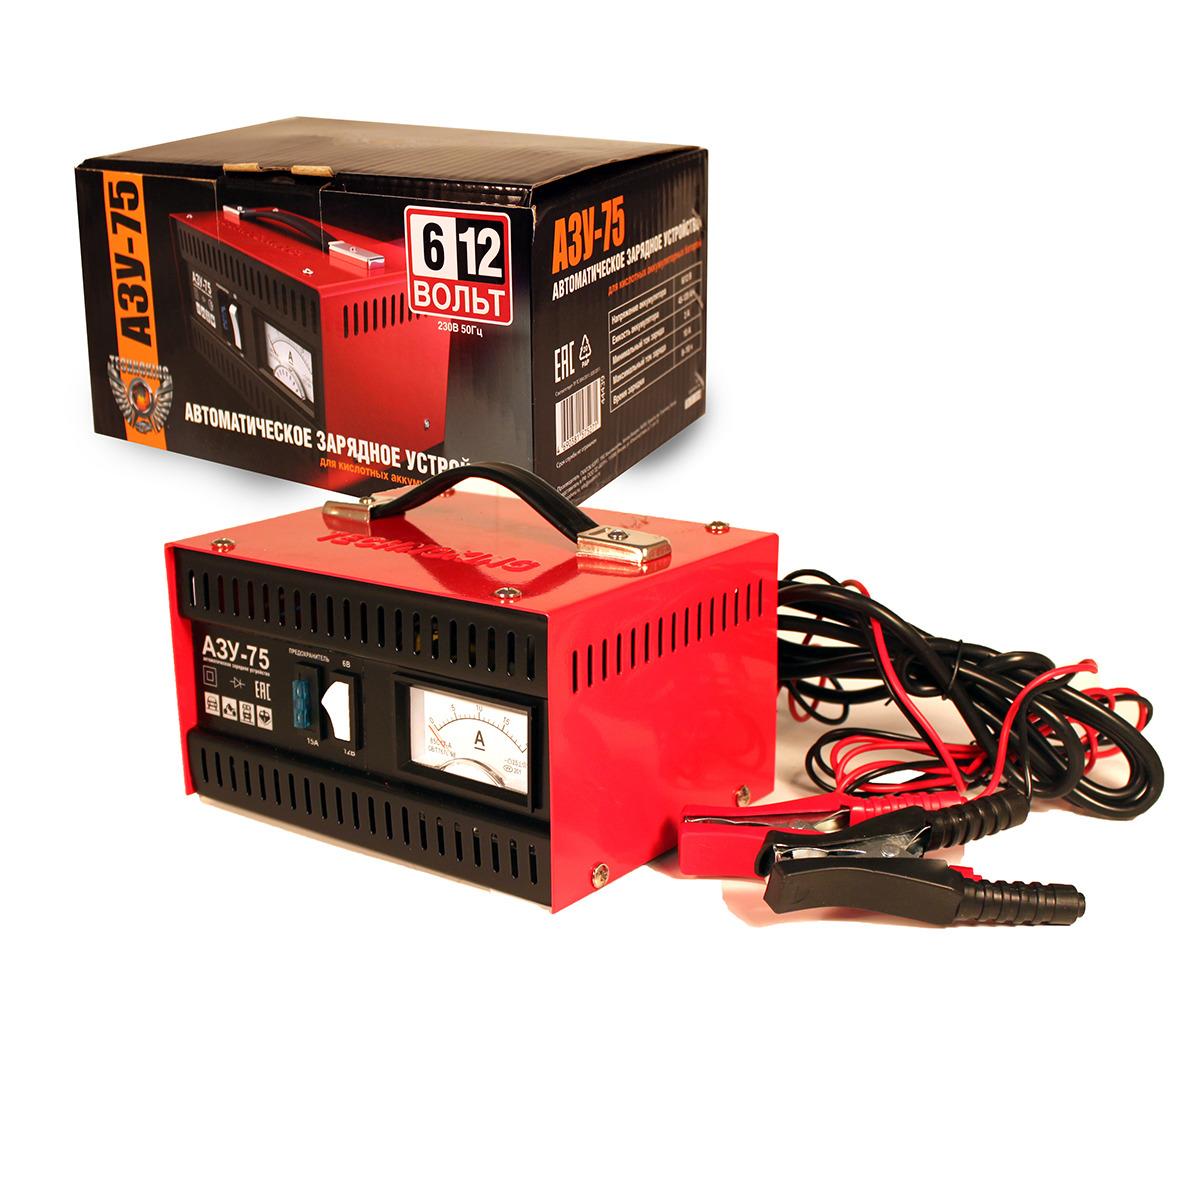 Автомобильное зарядное устройство Technoking АЗУ-75, для аккумуляторов 6/12 В, 10 А, 44439, красный зарядное устройство technoking азу 75 для аккумуляторов 6 12в 10а